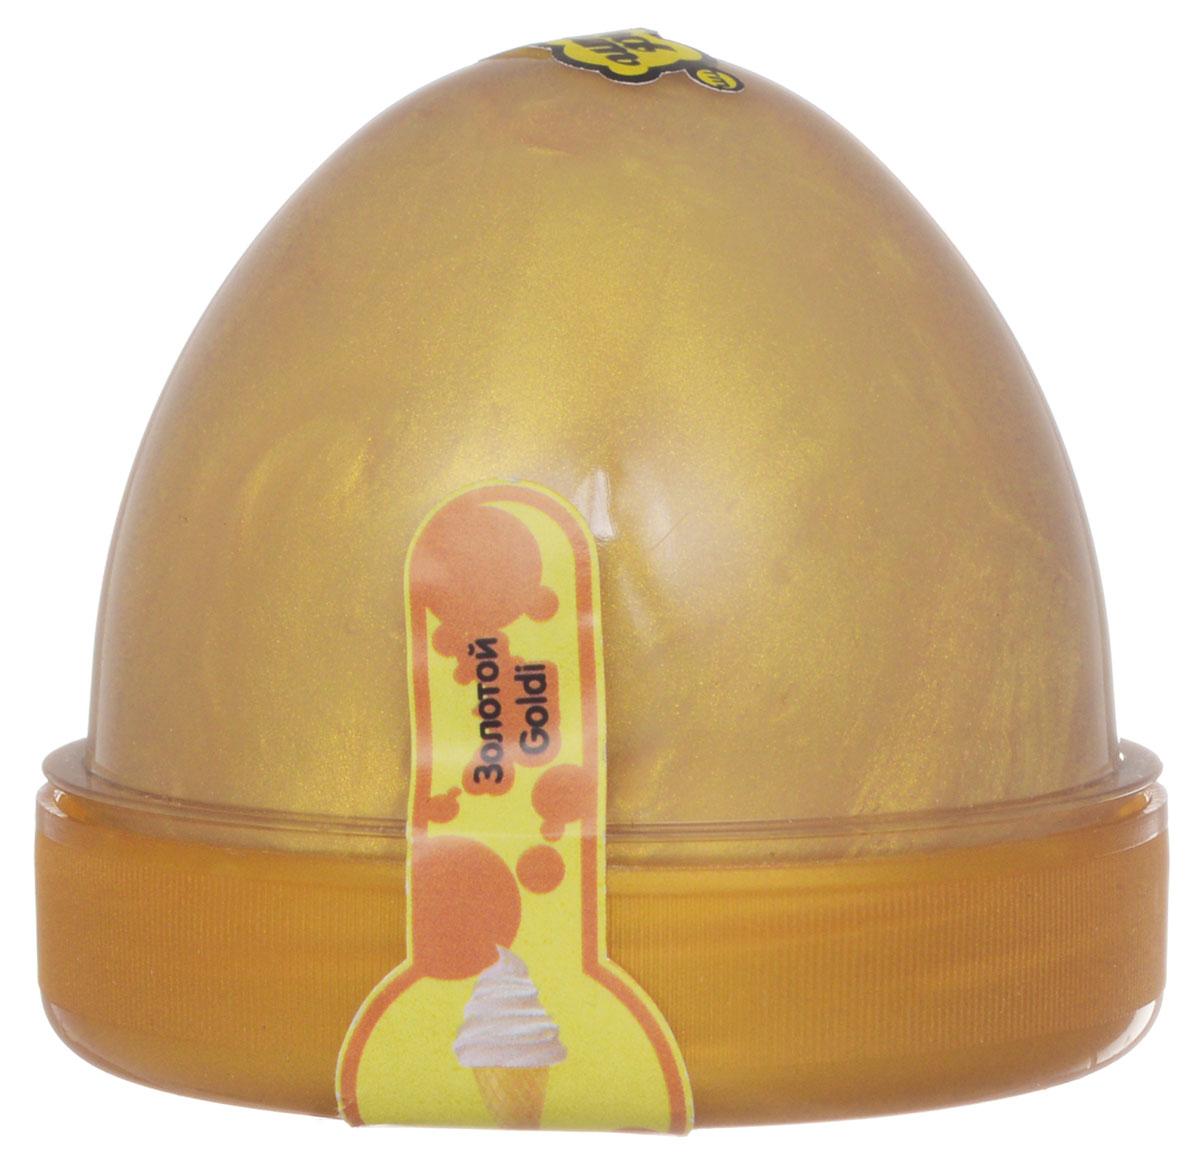 Жвачка для рук ТМ HandGum, цвет: золотой, 70 г10086Жвачка для рук Hand Gum золотого цвета без запаха подарит вам позитив и хорошие эмоции. Она радует глаз и дарит нежные тактильные ощущения, способствуя хорошему настроению. Жвачка для рук изготовлена из упругого, пластичного и приятного на ощупь материала, ее можно растягивать, как резину, а если сильно дернуть, то можно порвать. Из нее отлично получаются скульптуры, которые живут считанные минуты, постепенно превращаясь в лужи. Прилепите ее на дверную ручку - и он капнет, скатайте шарик и ударьте об пол - он подпрыгнет. Кубик, кстати, тоже подпрыгнет, но совсем не туда, куда ожидается. Характеристики: Цвет: золотой. Вес: 70 г. Размер упаковки: 5,5 см х 6 см х 6 см.